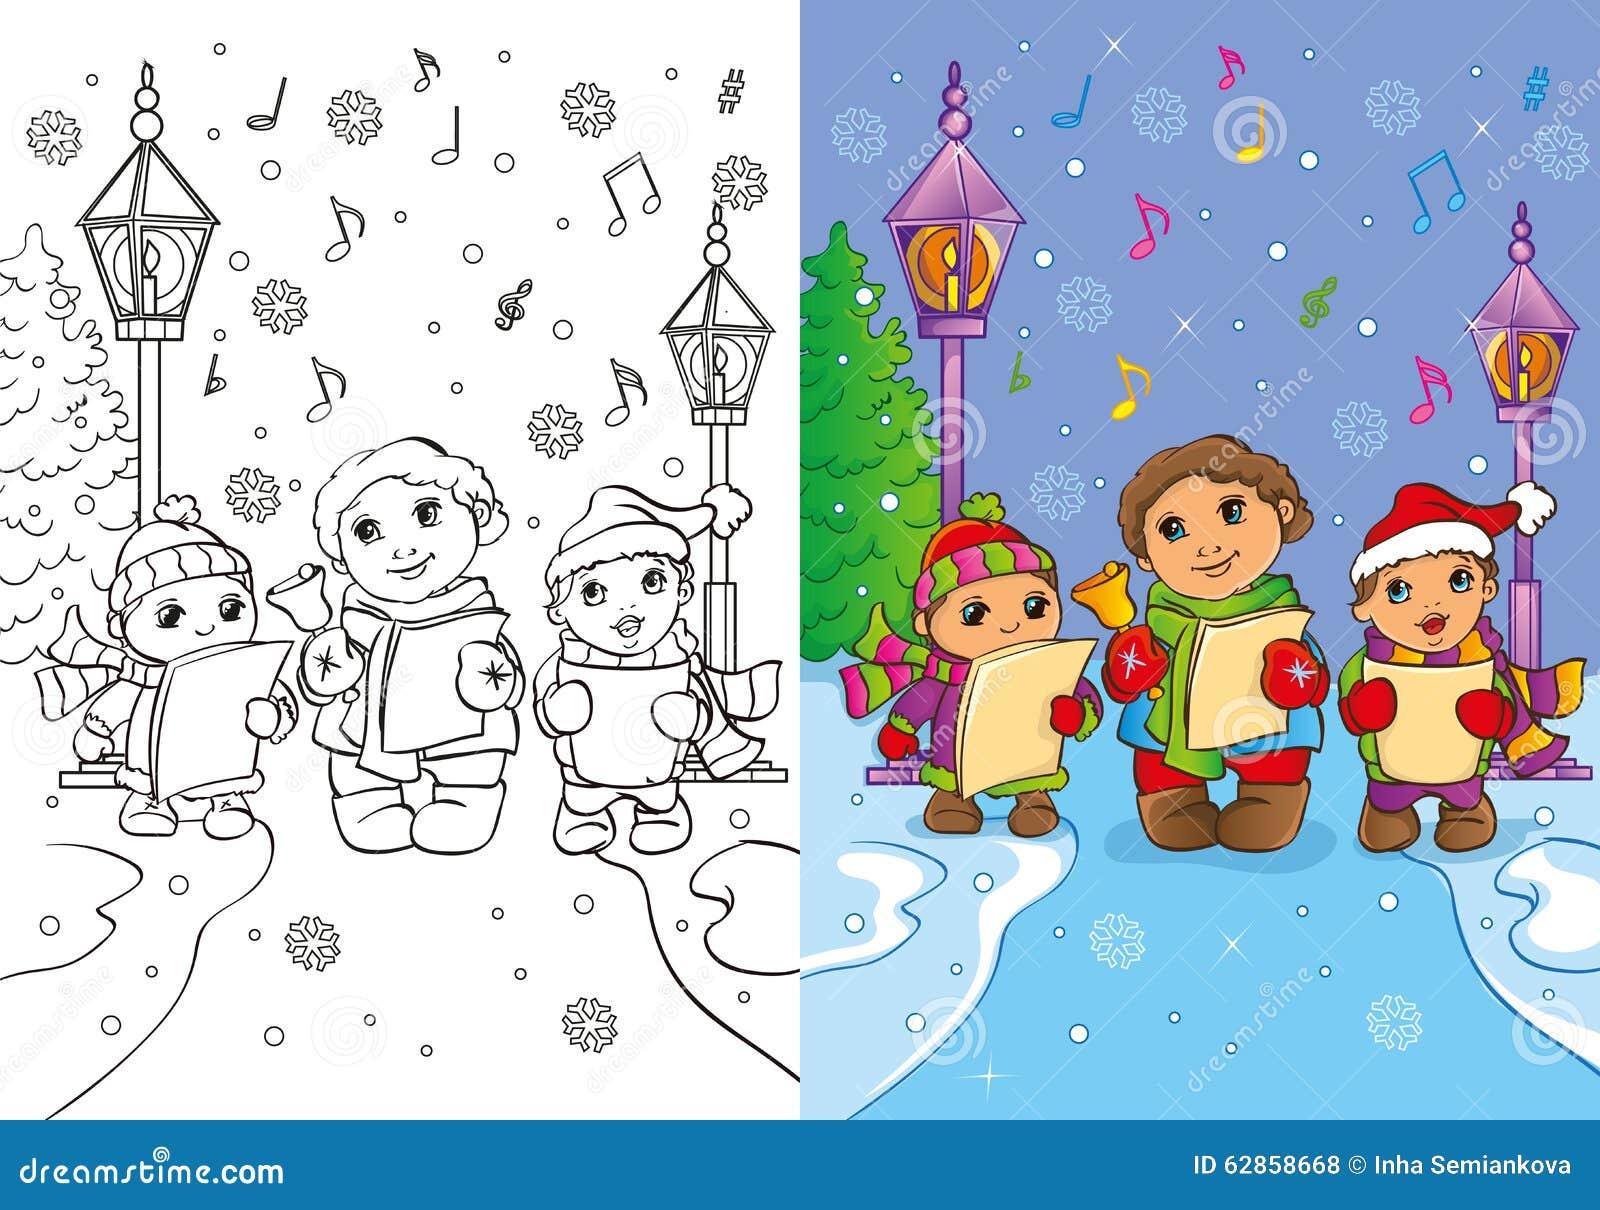 malbuch von kindern singen weihnachtslieder stock abbildung illustration von singt musik